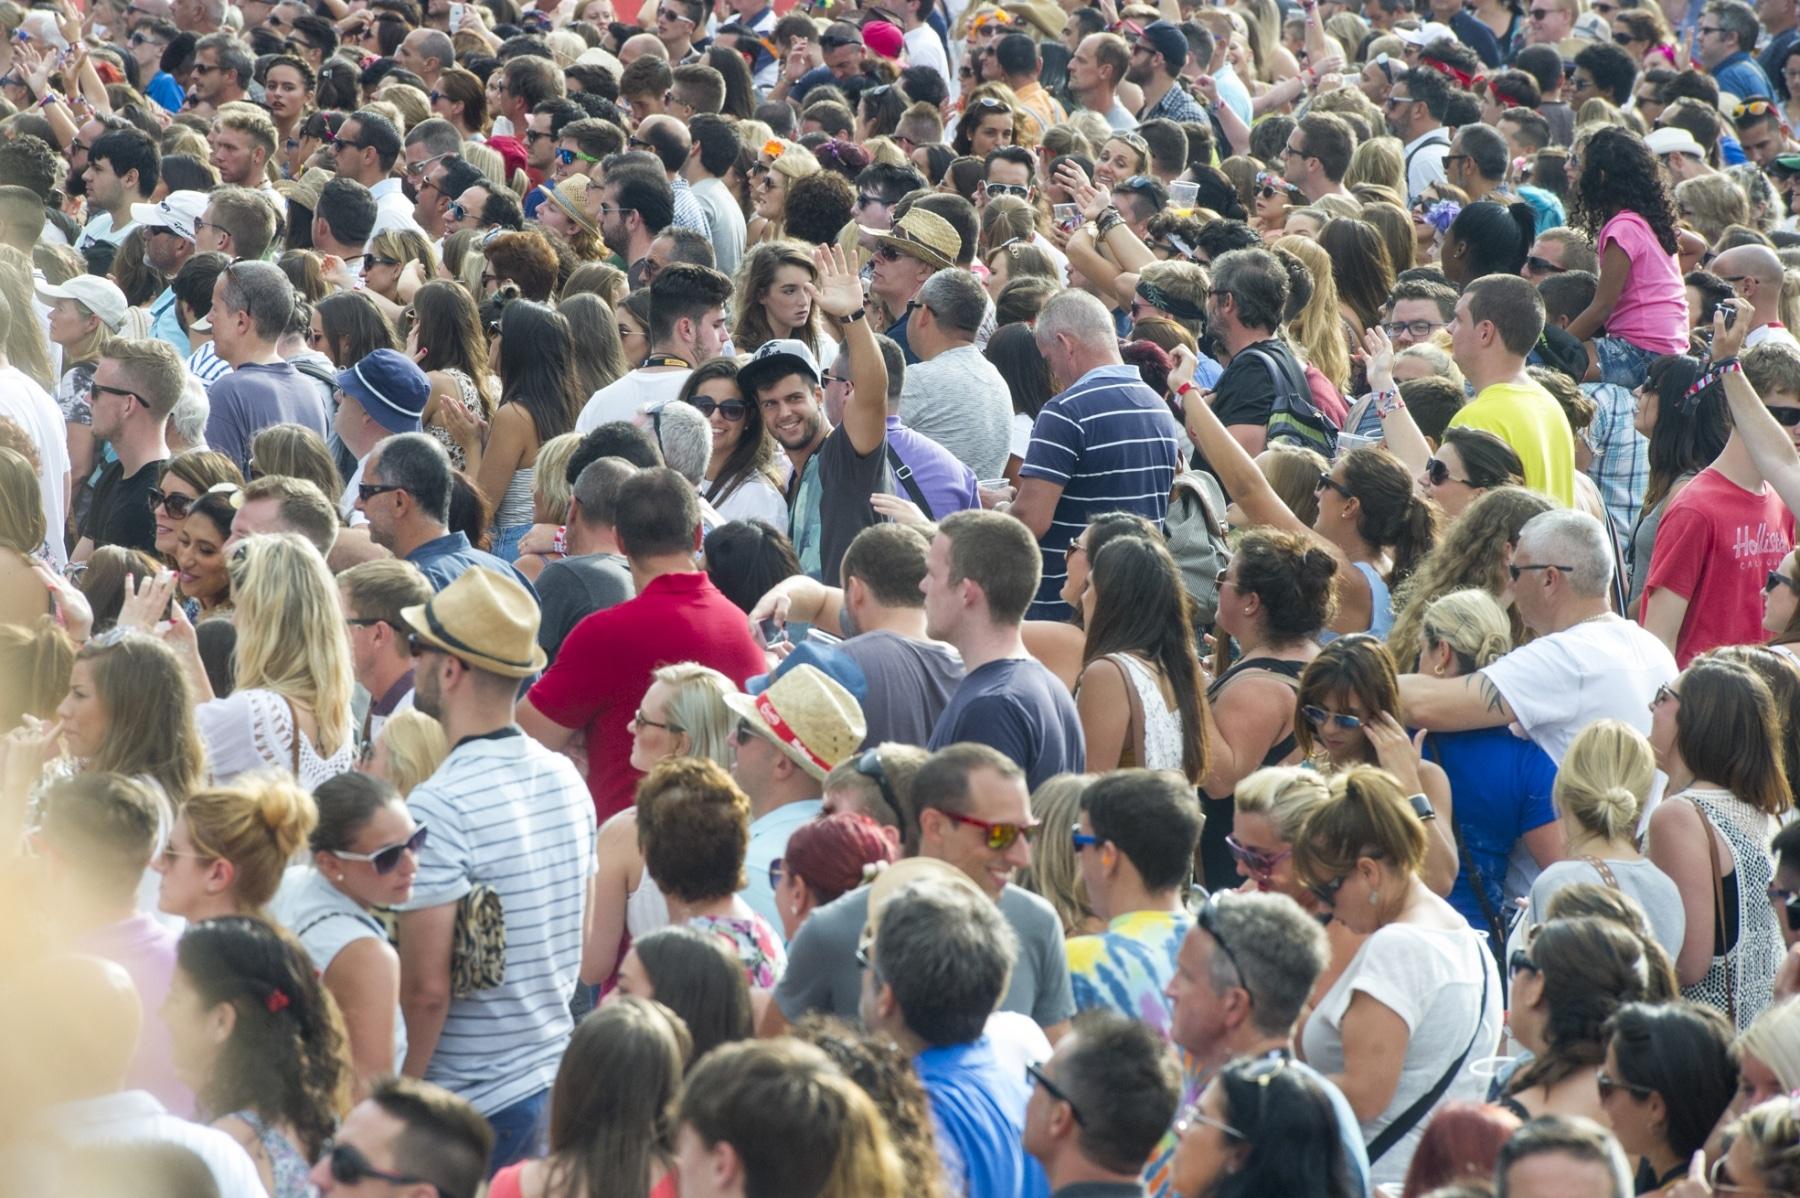 6-septiembre-2015-gibraltar-music-festival-2015-iii73_21028281910_o